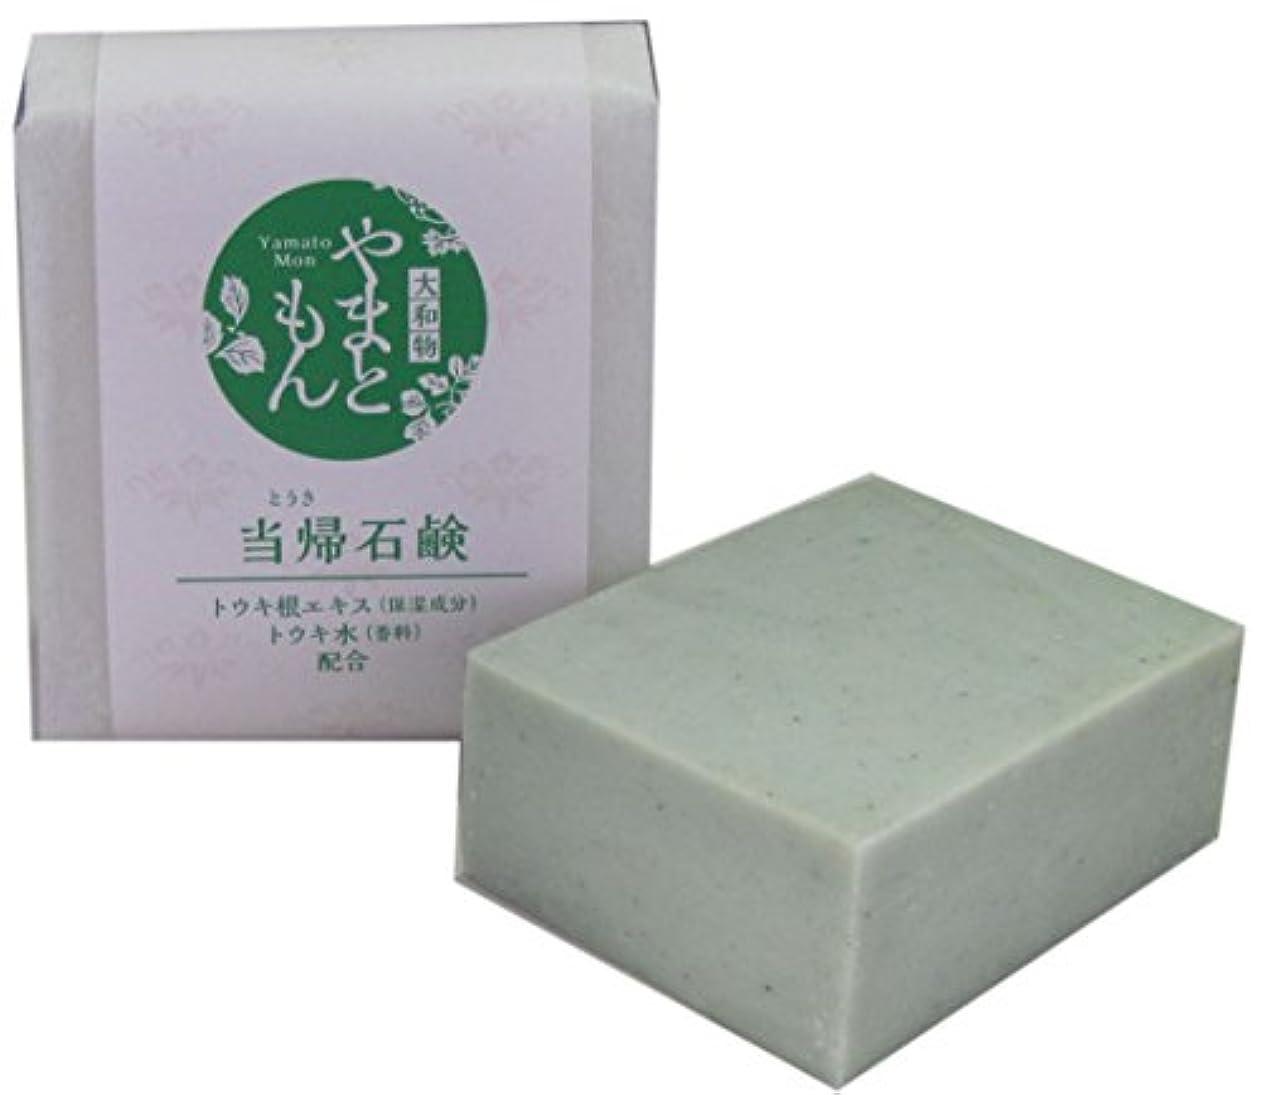 十一レイプオーバードロー奈良産和漢生薬エキス使用やまともん化粧品 当帰石鹸(とうきせっけん」)